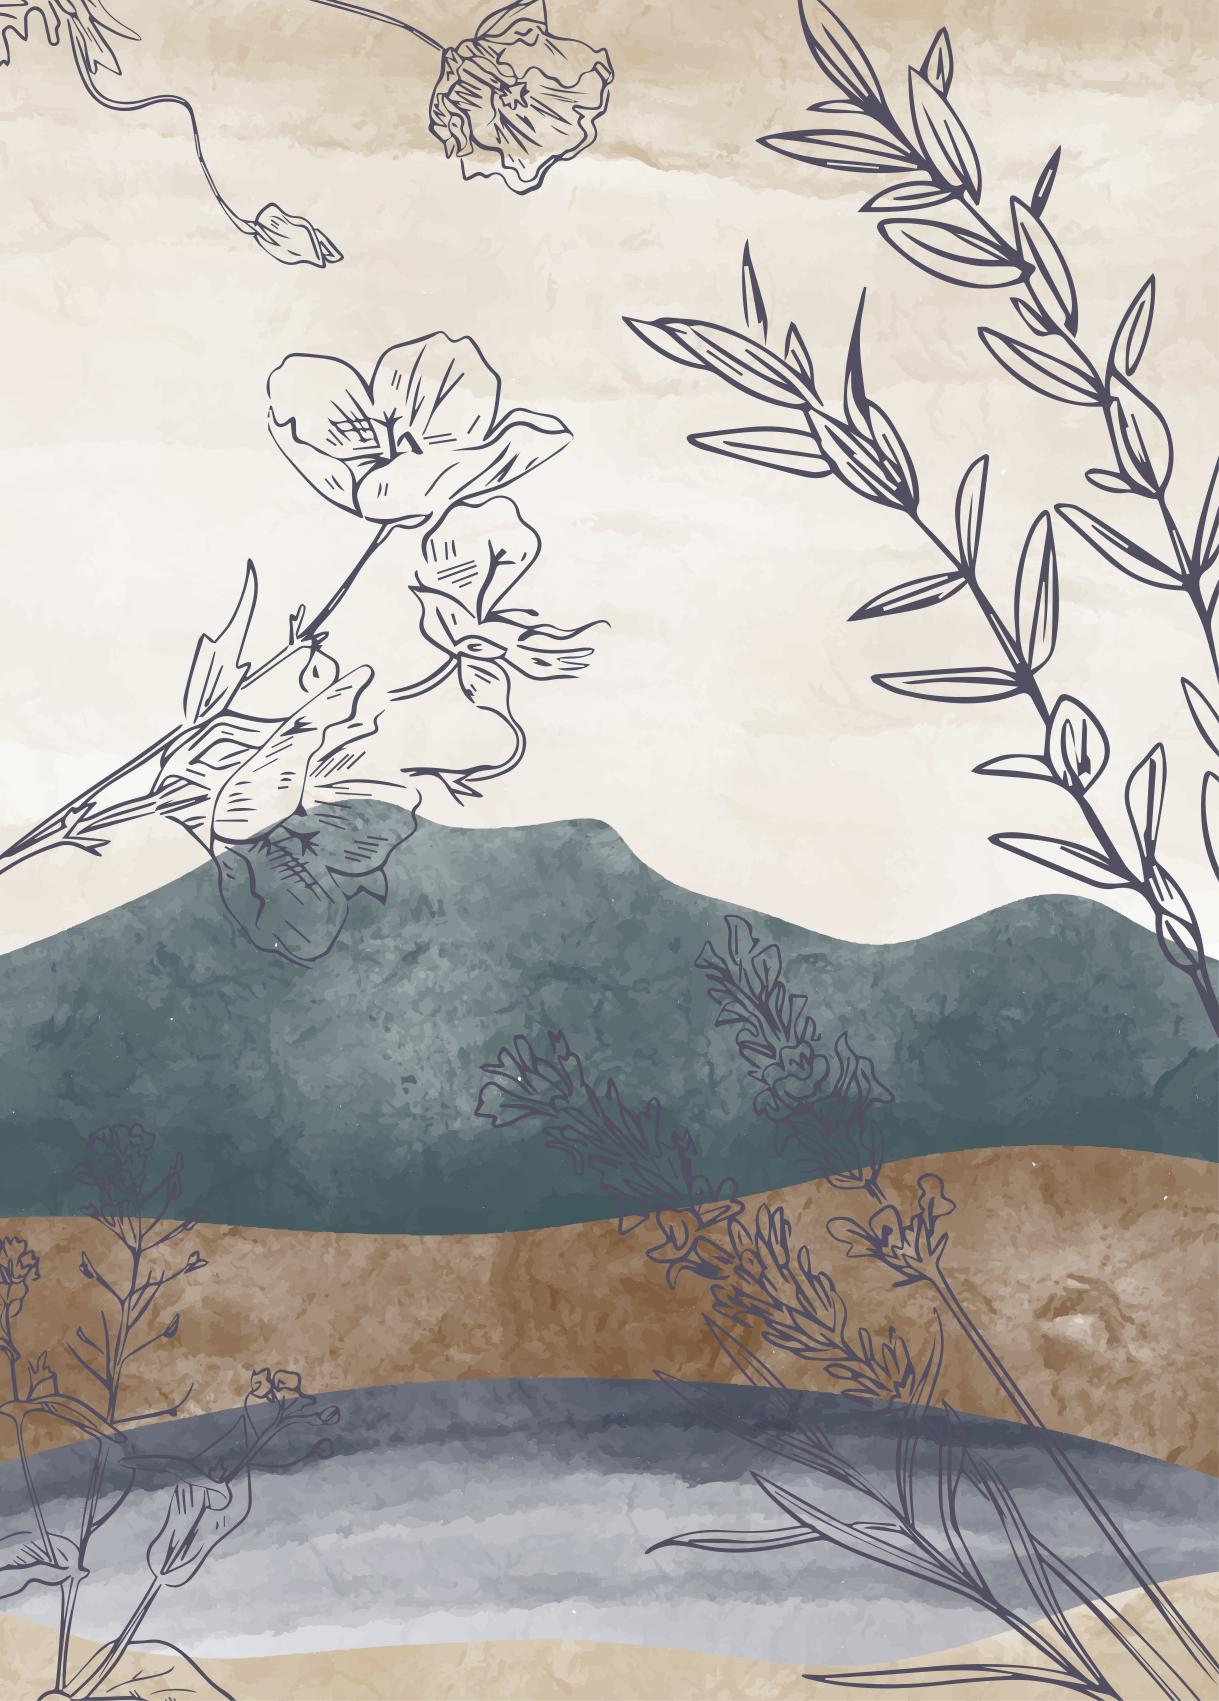 TenStickers. Covor pictat cu flori de natură. Un design simplu de covor de vinil cu temă naturală care conține desene de flori pe fundal de culoare moale. Este original, durabil și ușor de întreținut.